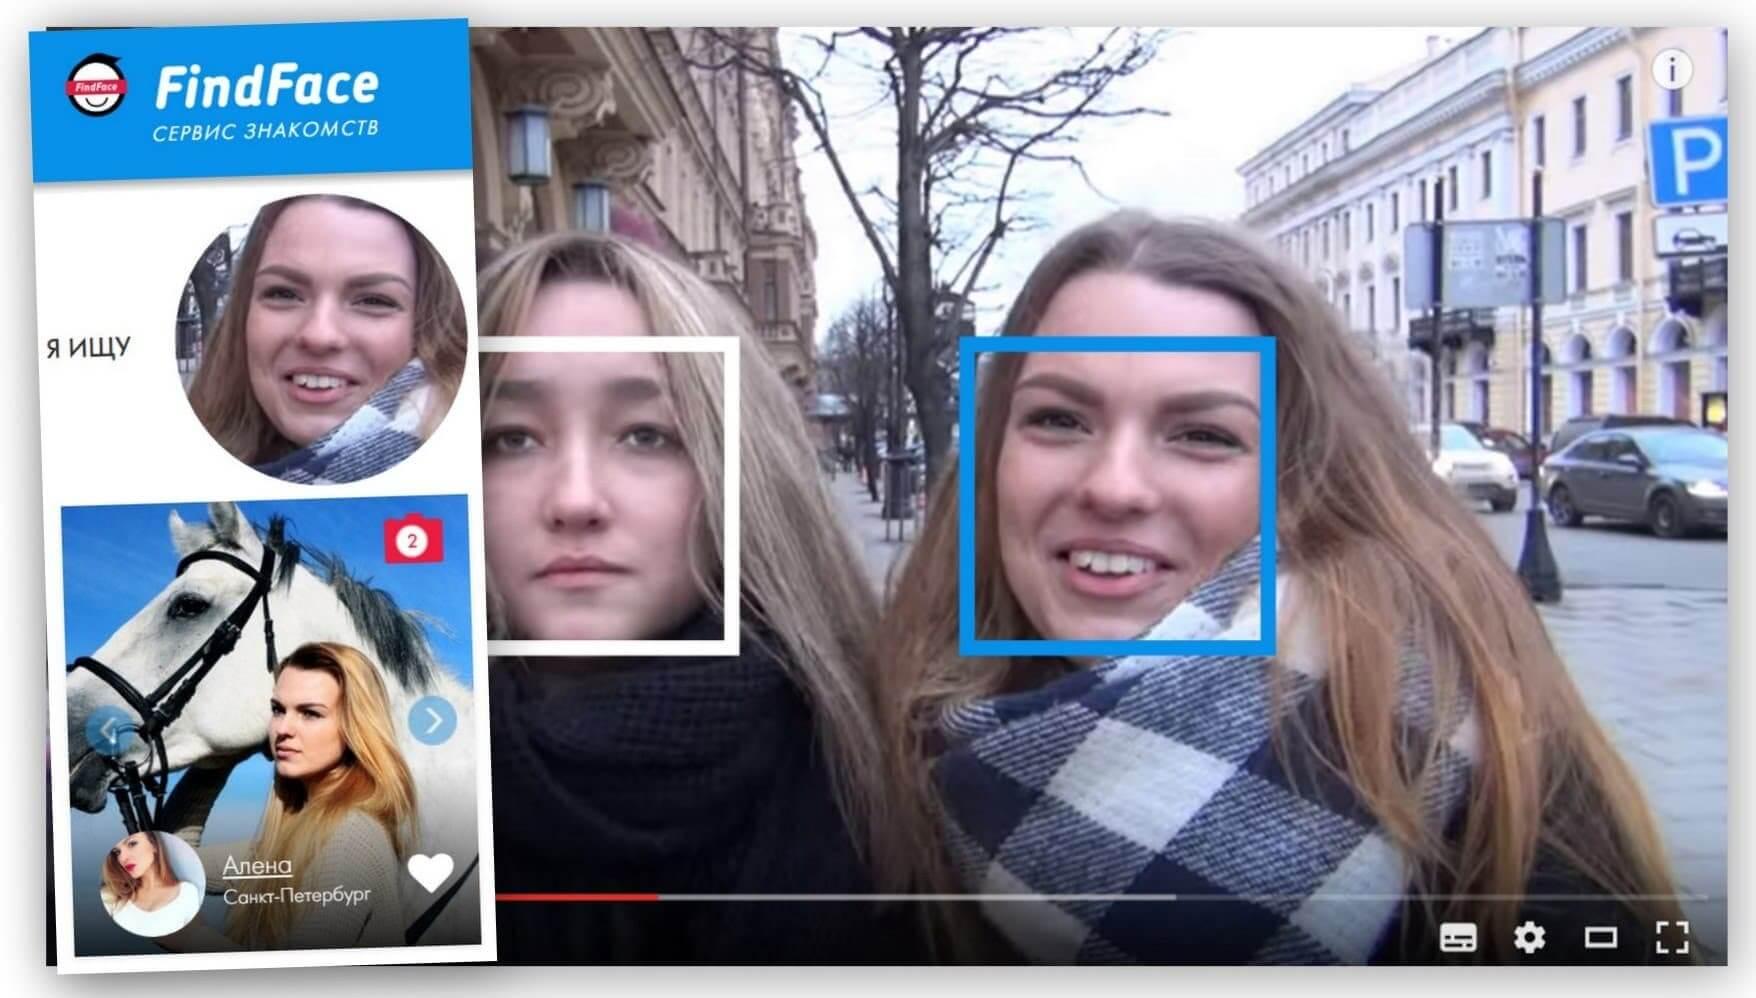 Помните FindFace, который искал аккаунты в соцсетях по фото? Его купили власти Москвы